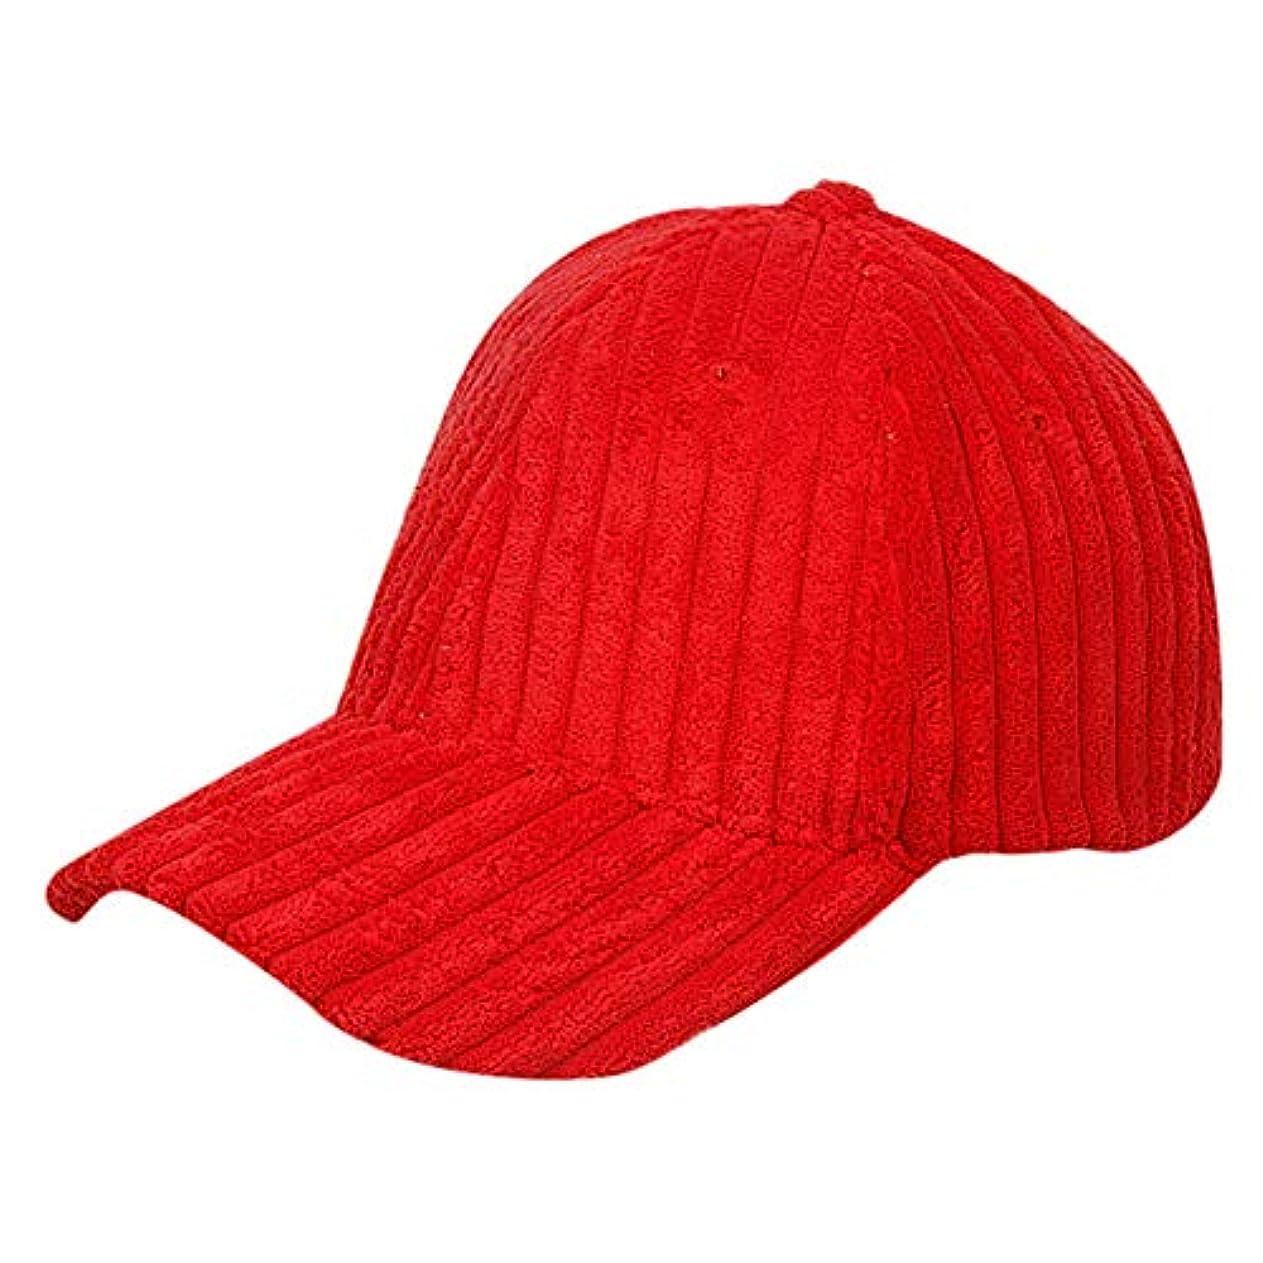 ヒット左ペレットRacazing Cap コーデュロイ 野球帽 迷彩 冬 登山 通気性のある メッシュ 帽子 ベルクロ 可調整可能 ストライプ 刺繍 棒球帽 UV 帽子 軽量 屋外 Unisex Hat (赤)